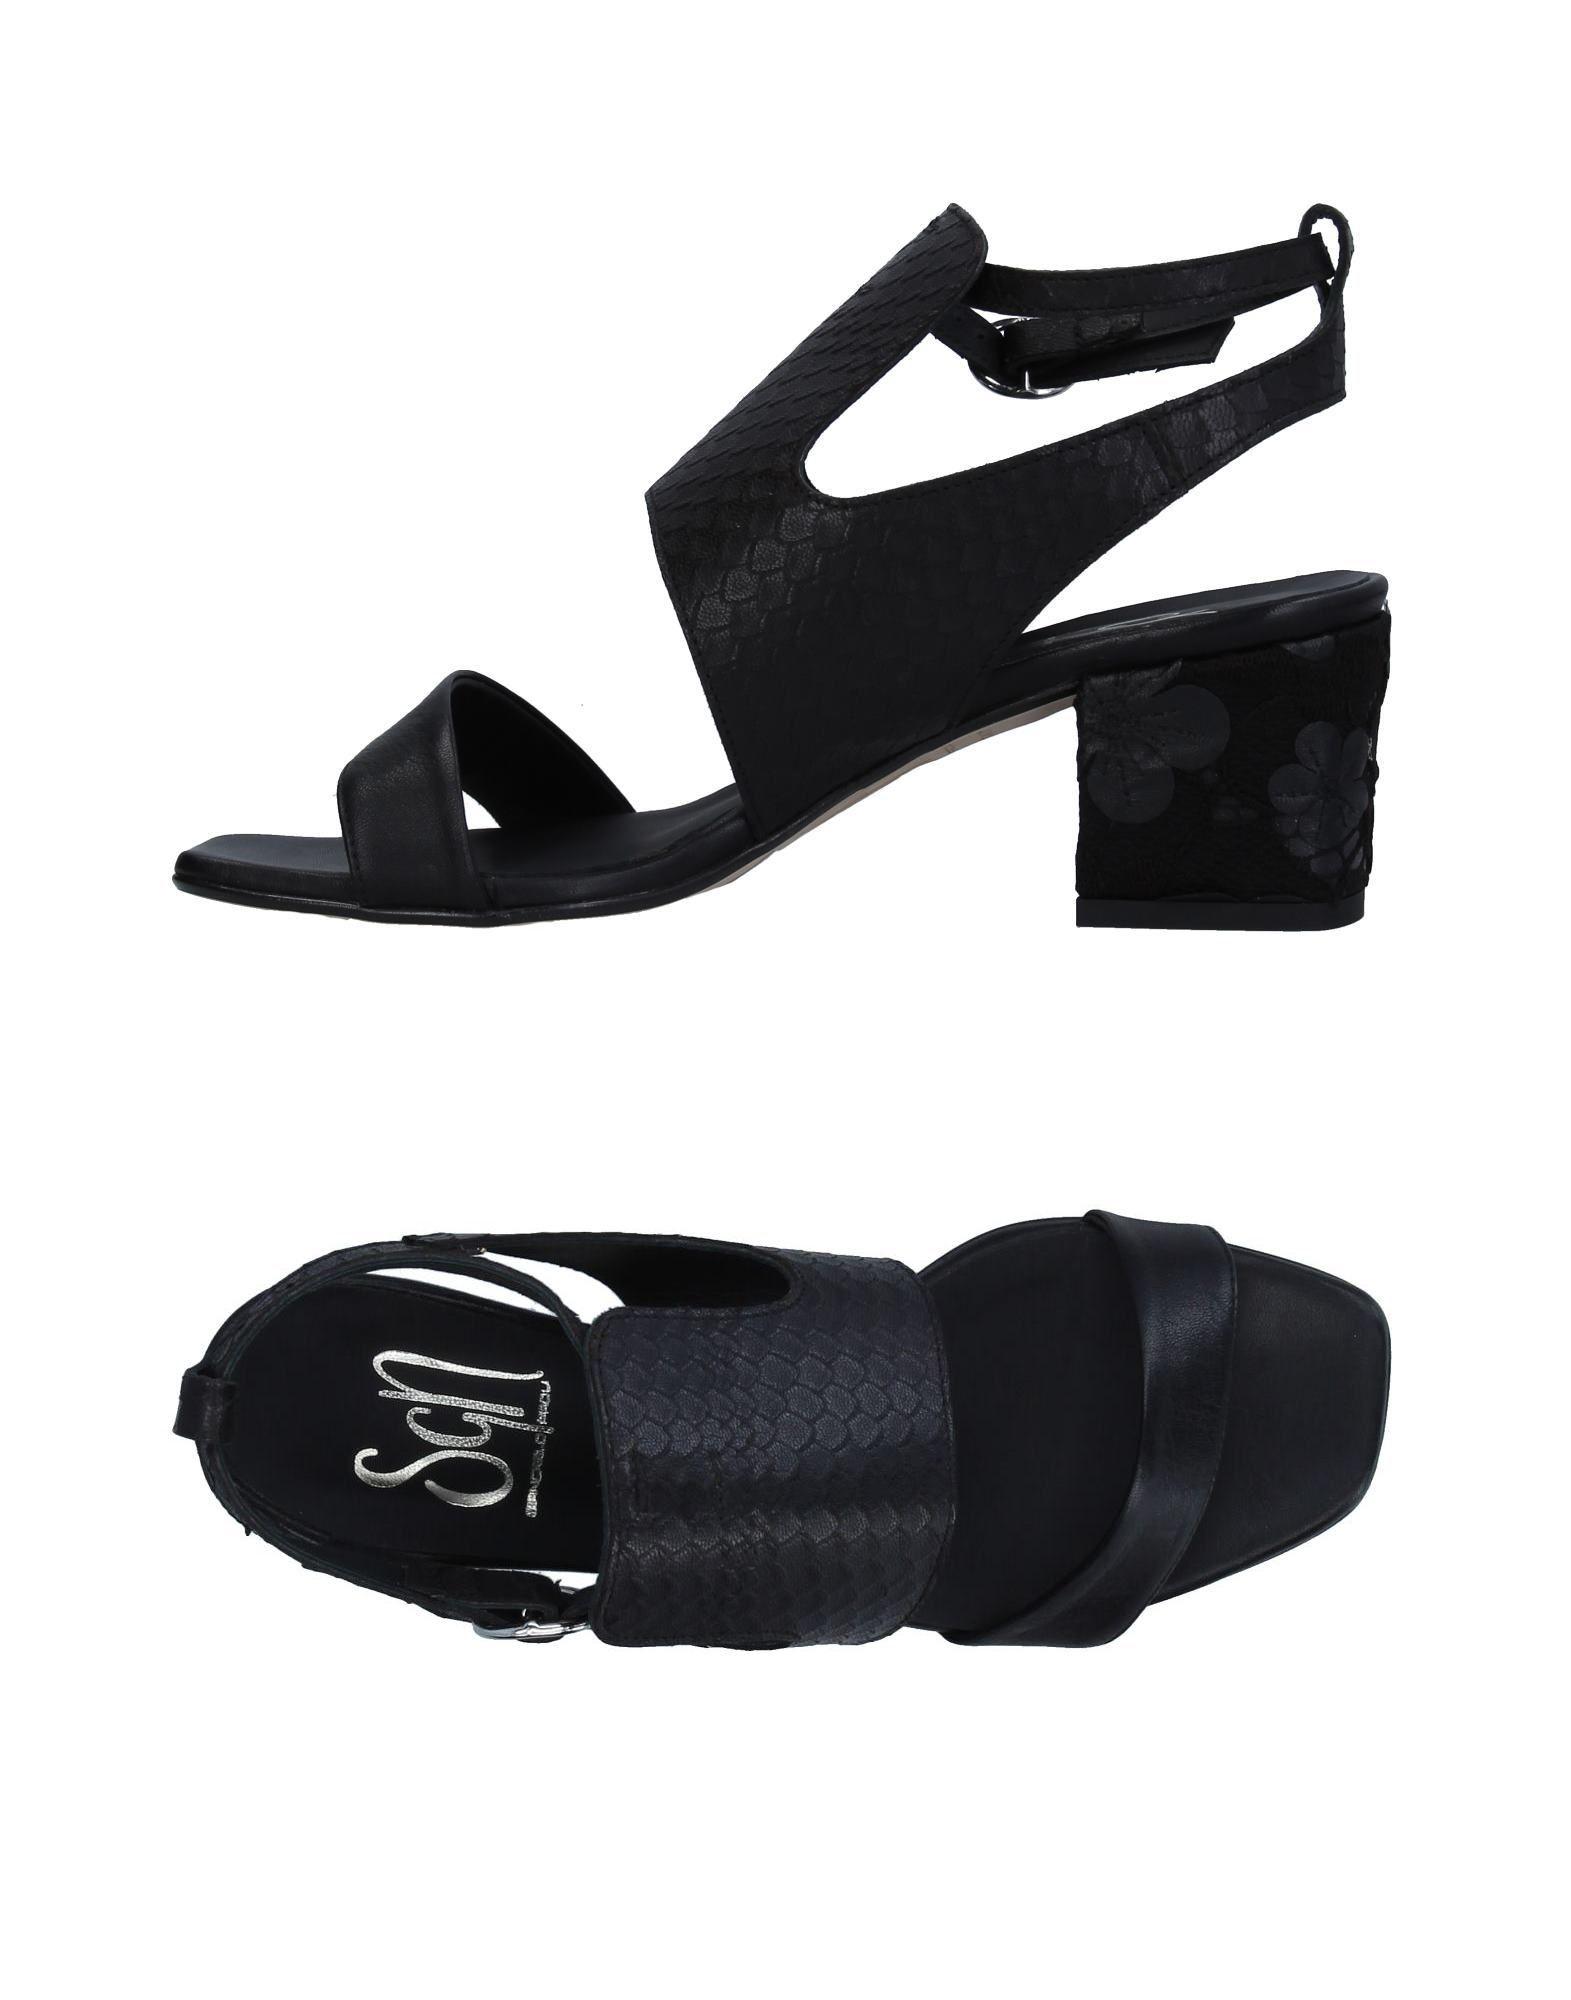 Sgn Giancarlo Paoli Sandalen Damen  11336996CX Gute Qualität beliebte Schuhe